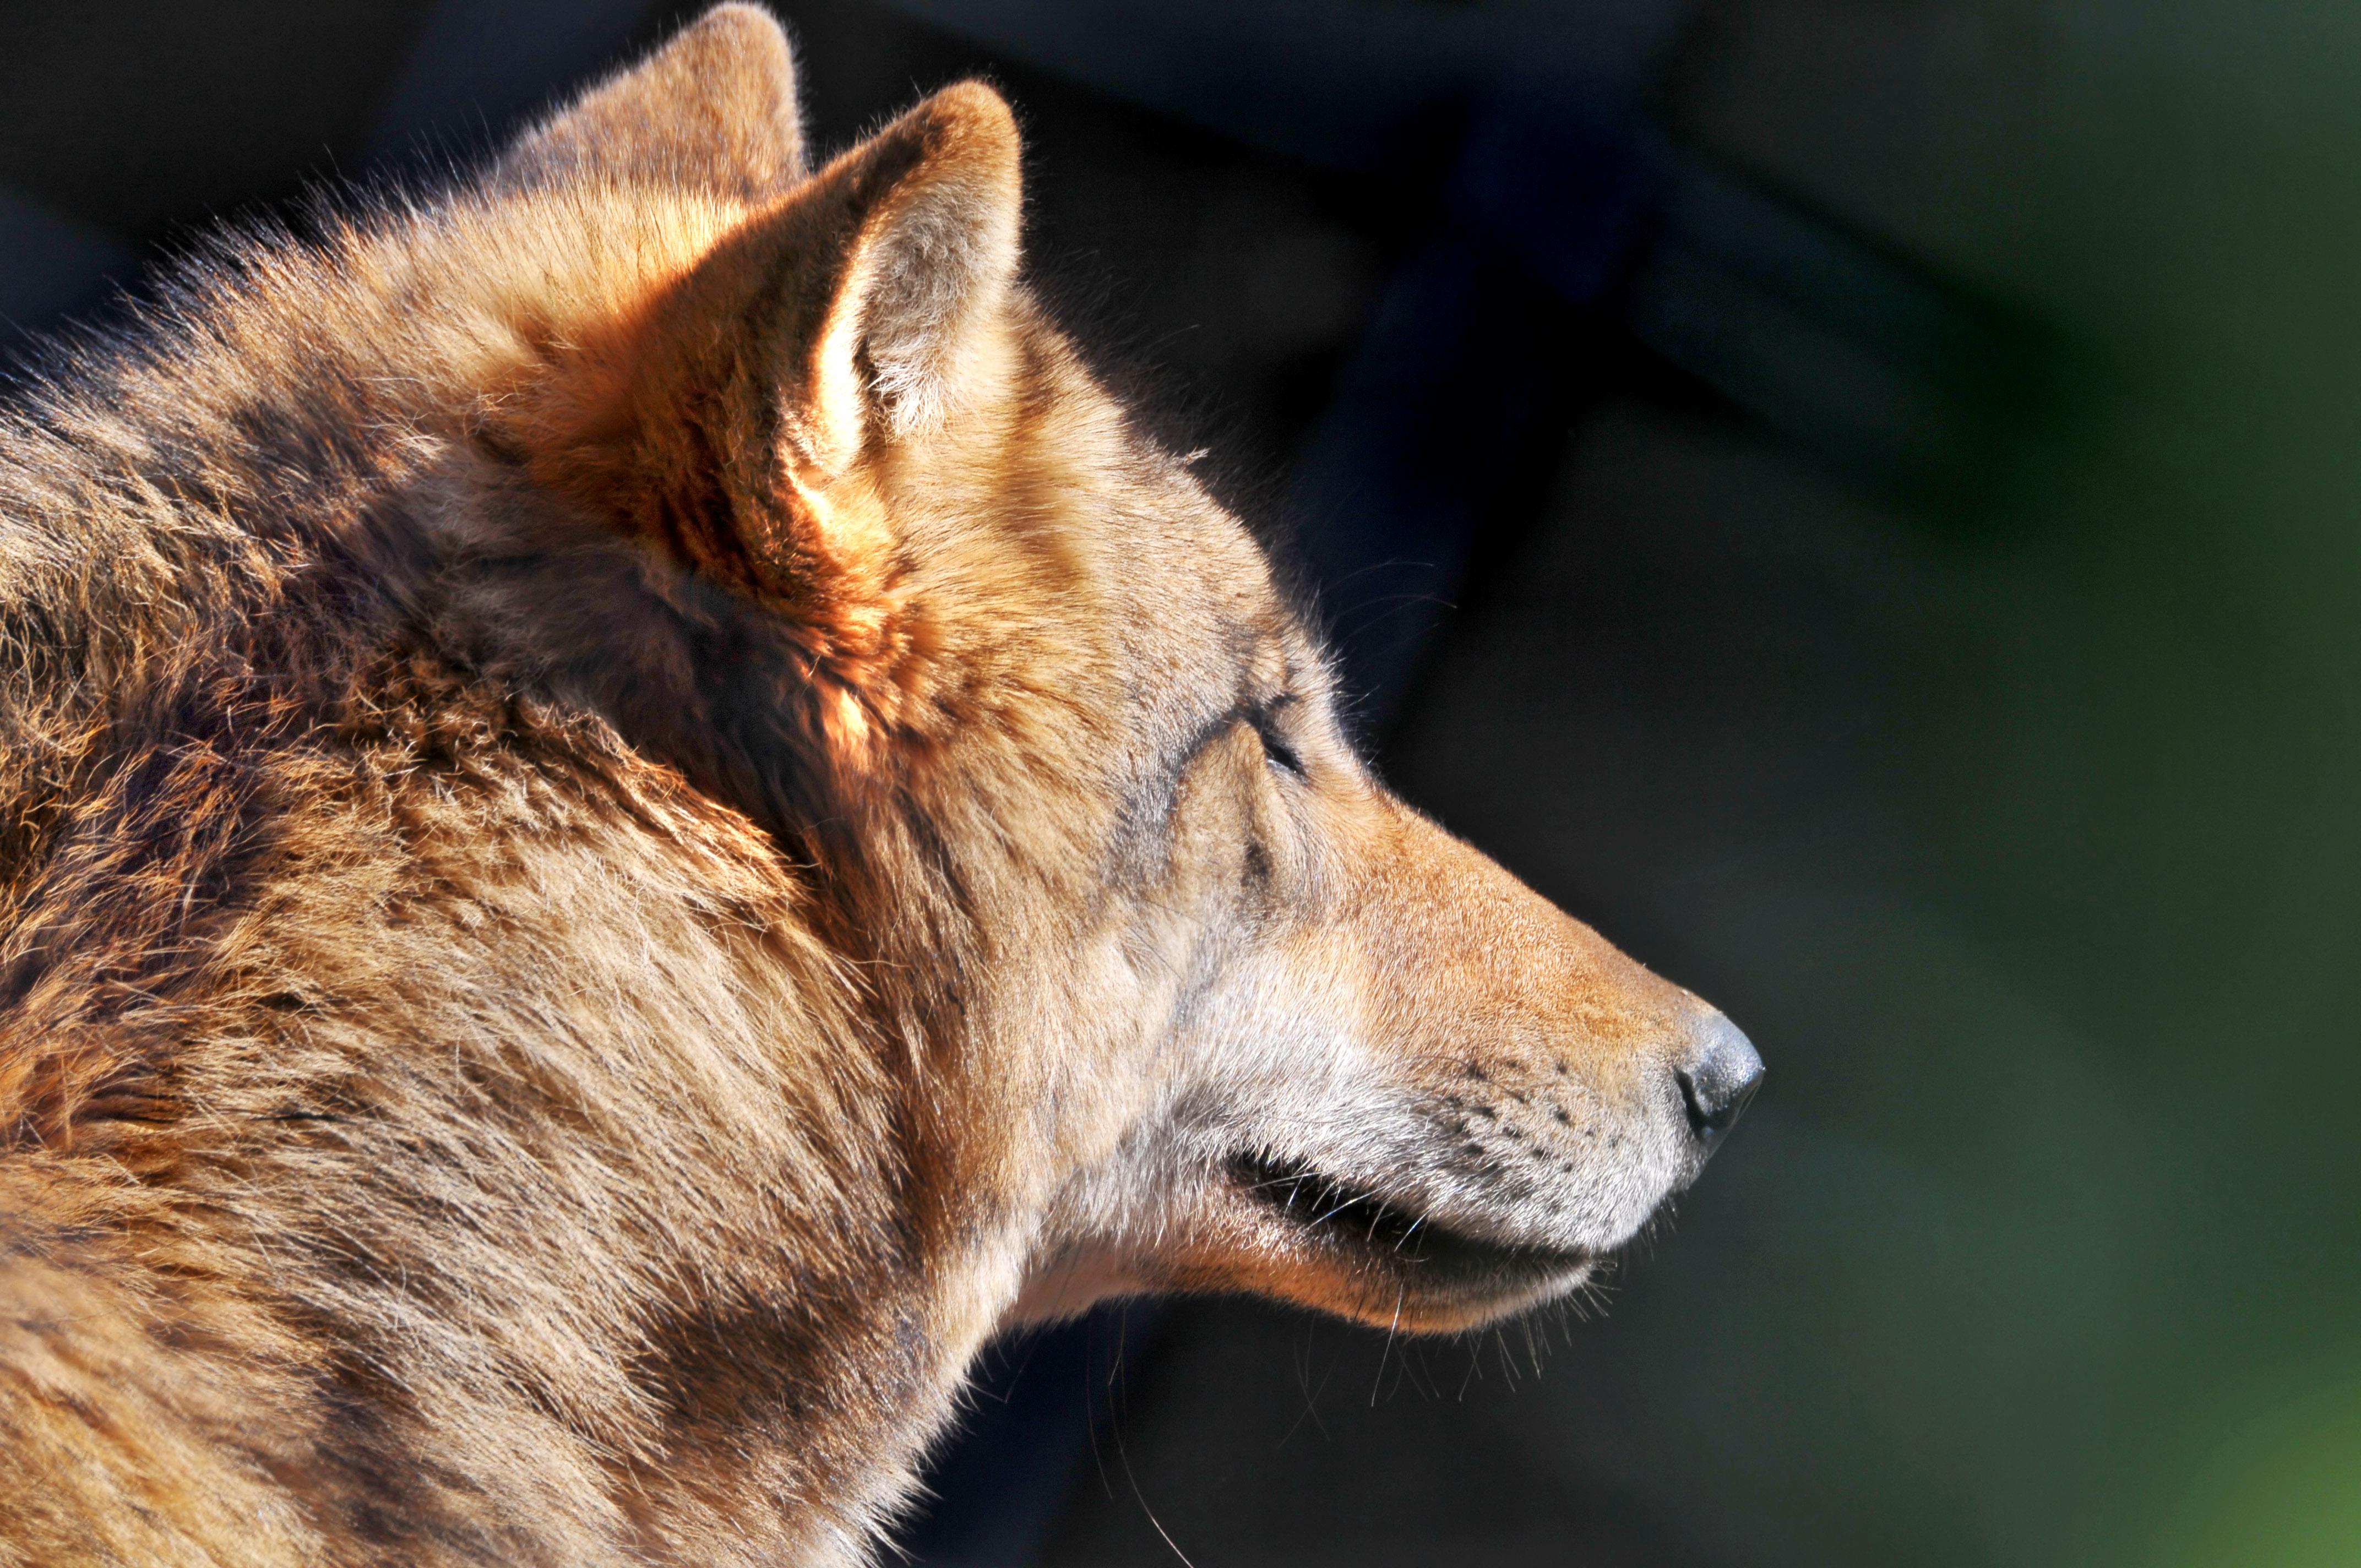 横顔がかっこいい狼の画像